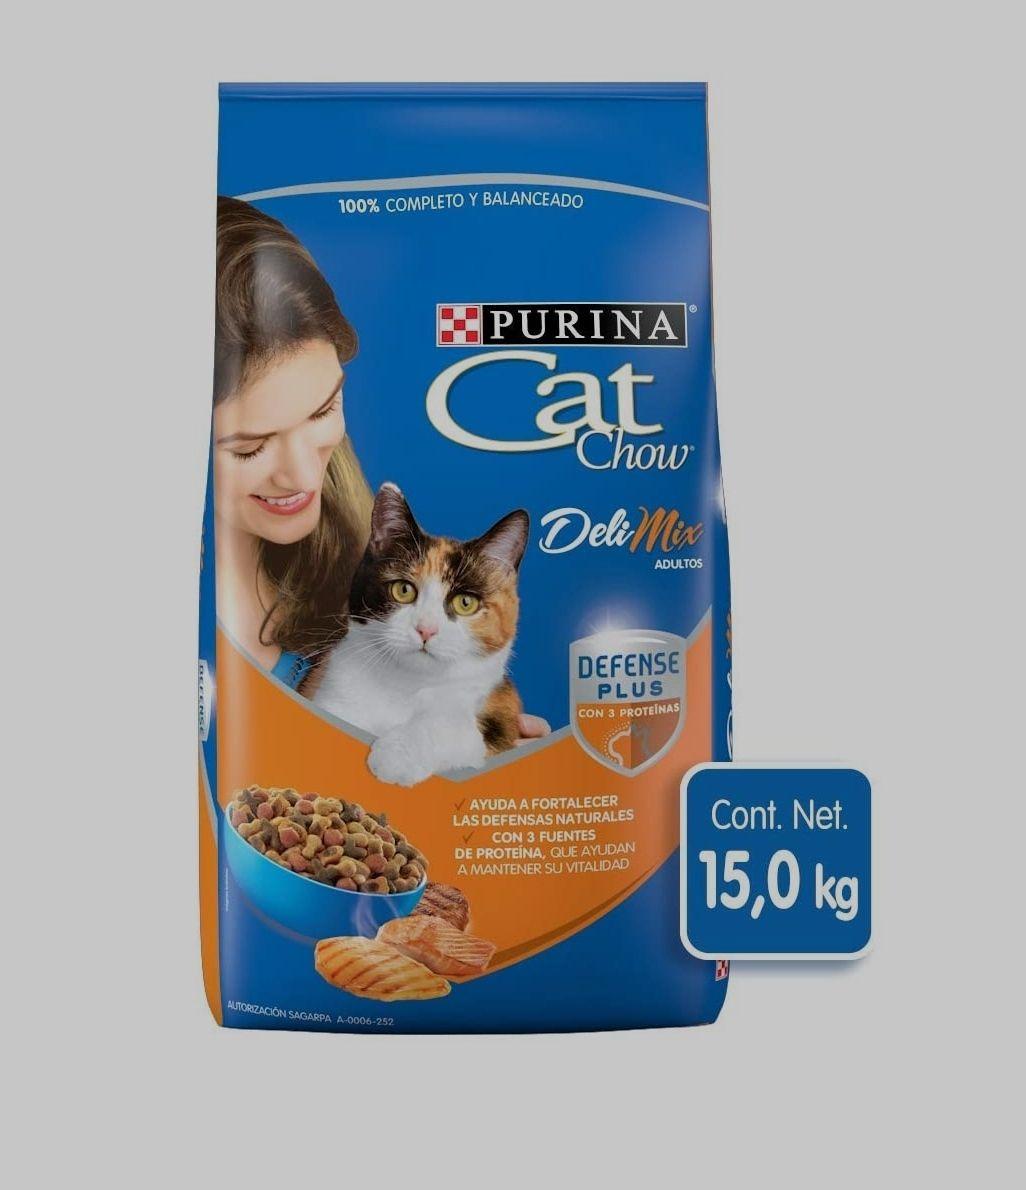 Amazon: Purina Cat Chow Deli Mix 15kg + 9 paquetes de sopa coditos la moderna